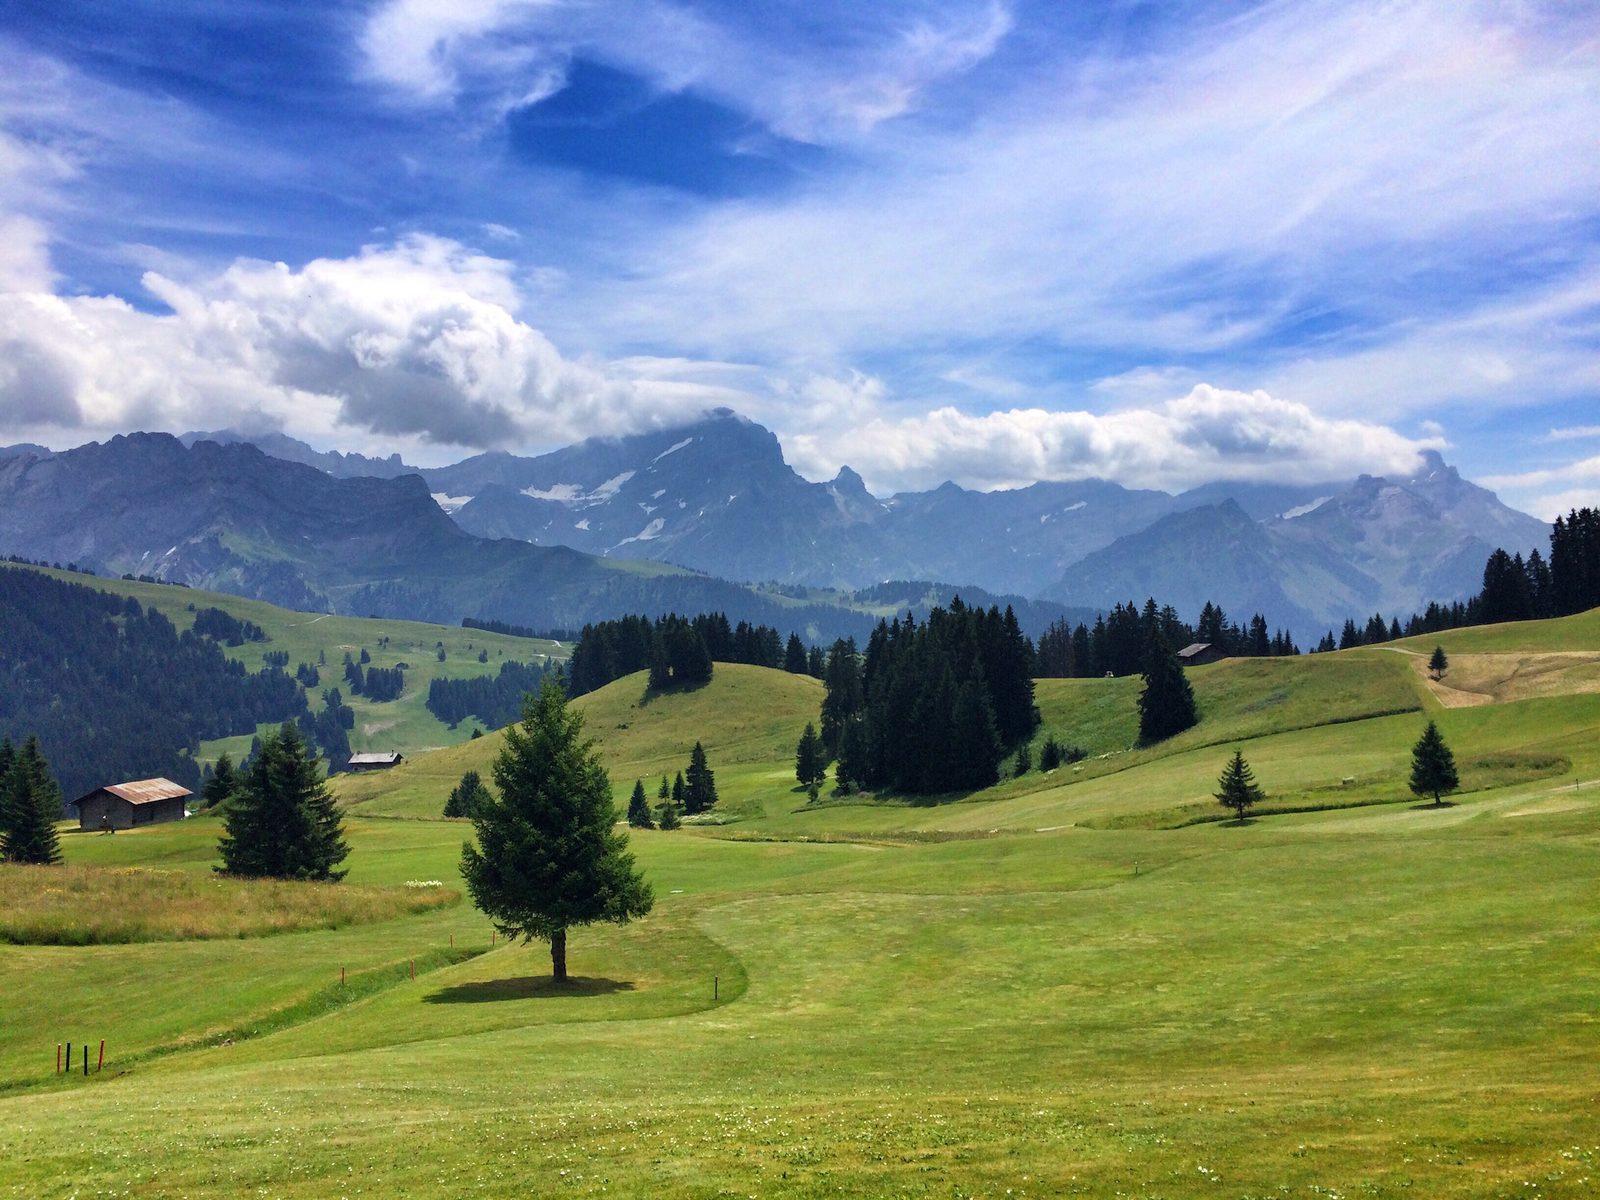 Golfen im Golfclub Gams-Werdenberg, -Bad Ragaz, -Heidiland, -Dormat/Ems oder Lenzerheideg, von Ihrer luxuriösen Ferienunterkunft im Resort Walensee Schweiz aus